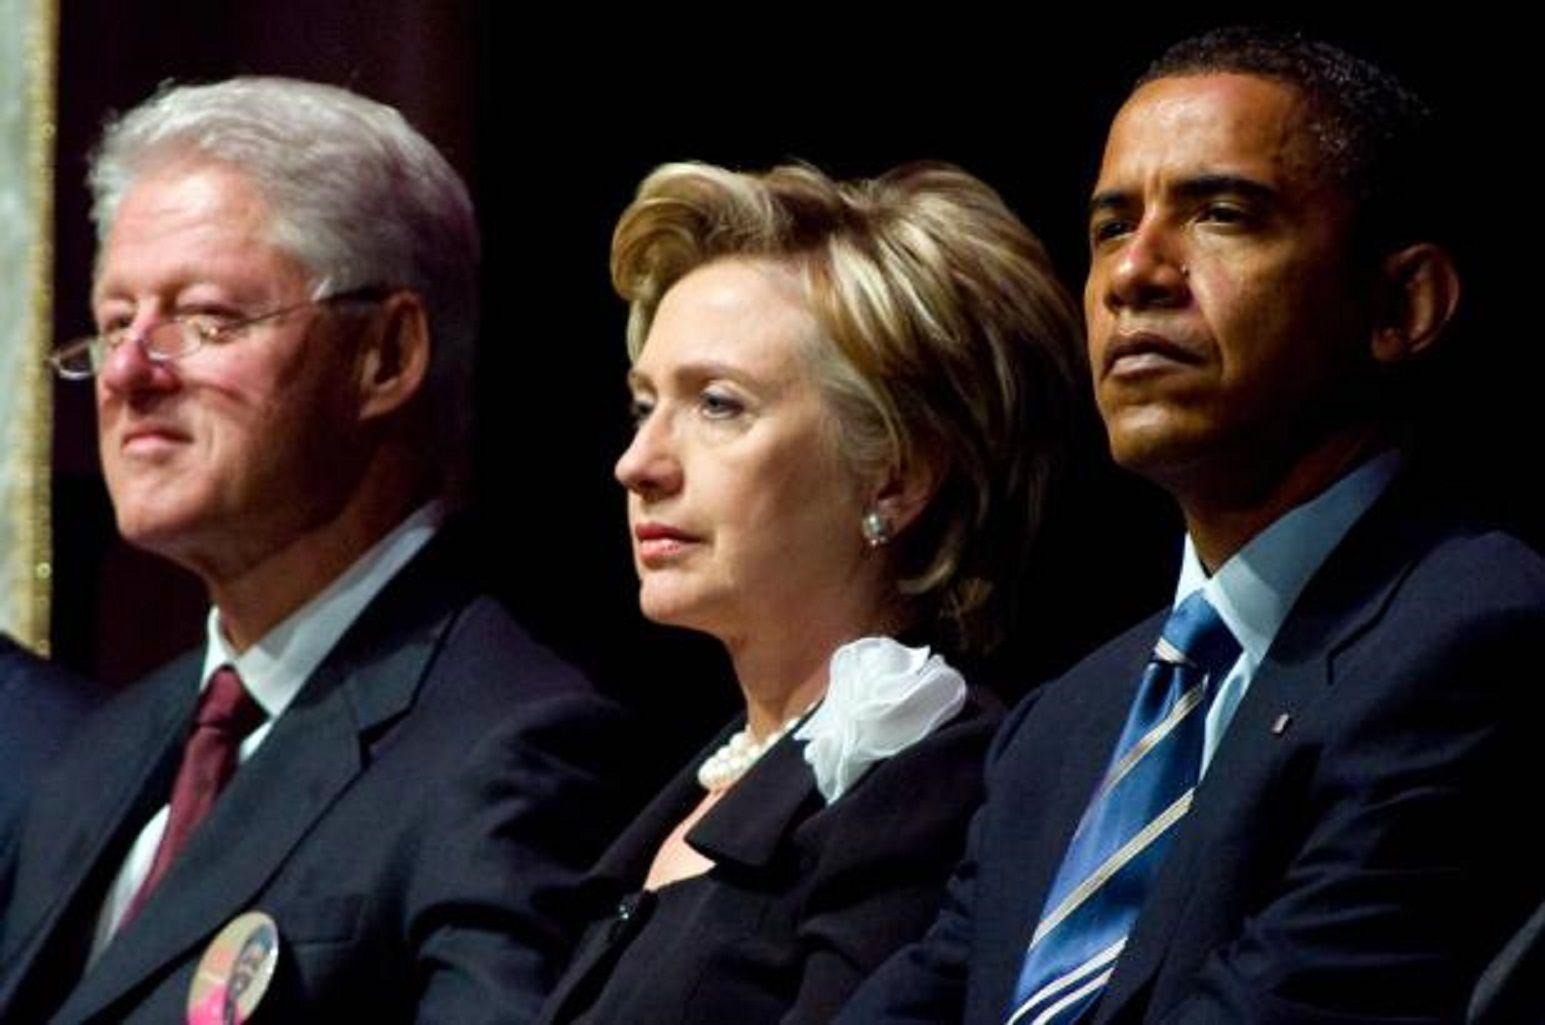 Amenaza en Estados Unidos: encontraron una bomba en paquetes enviados a los Clinton y a Obama